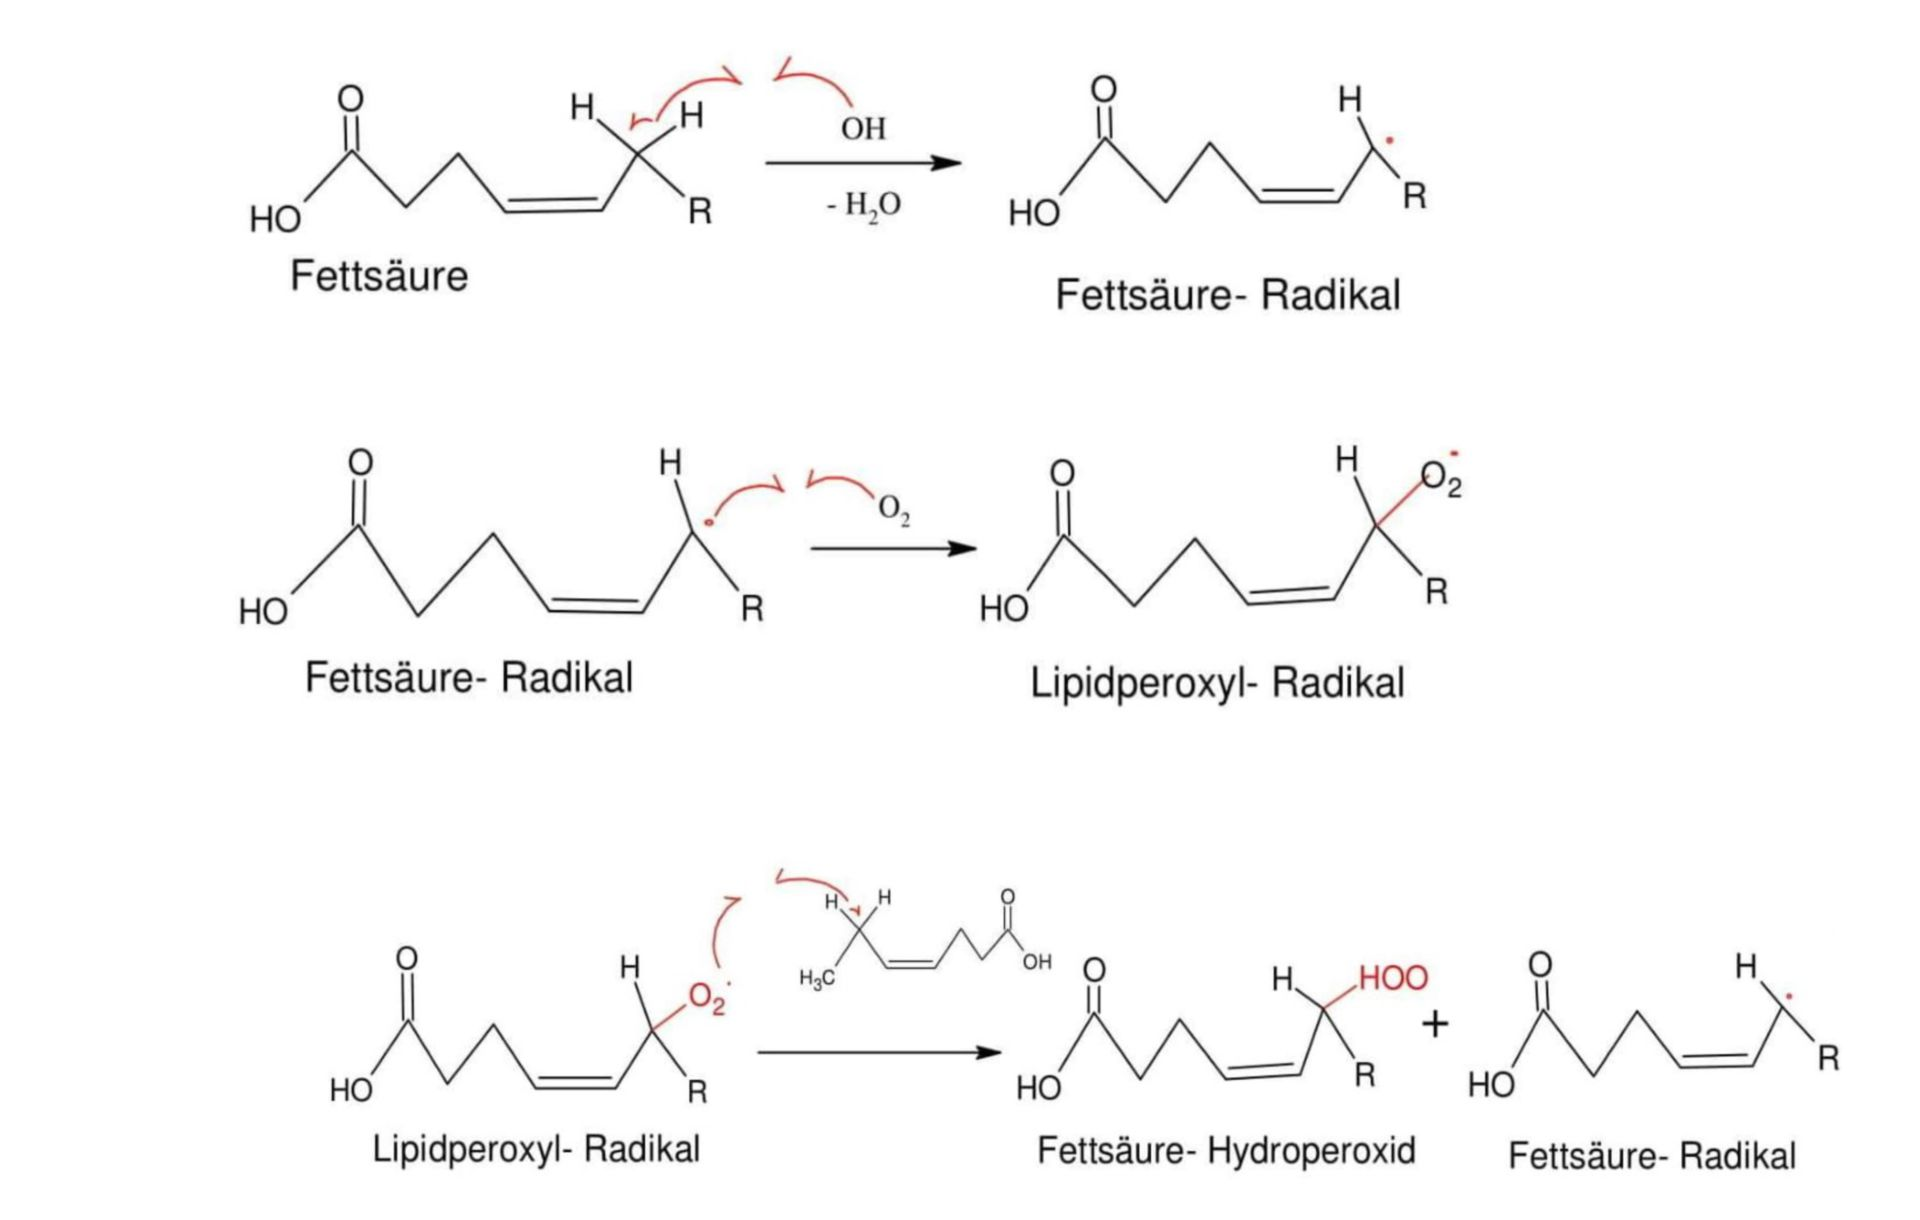 Fettsäure Peroxidation-11